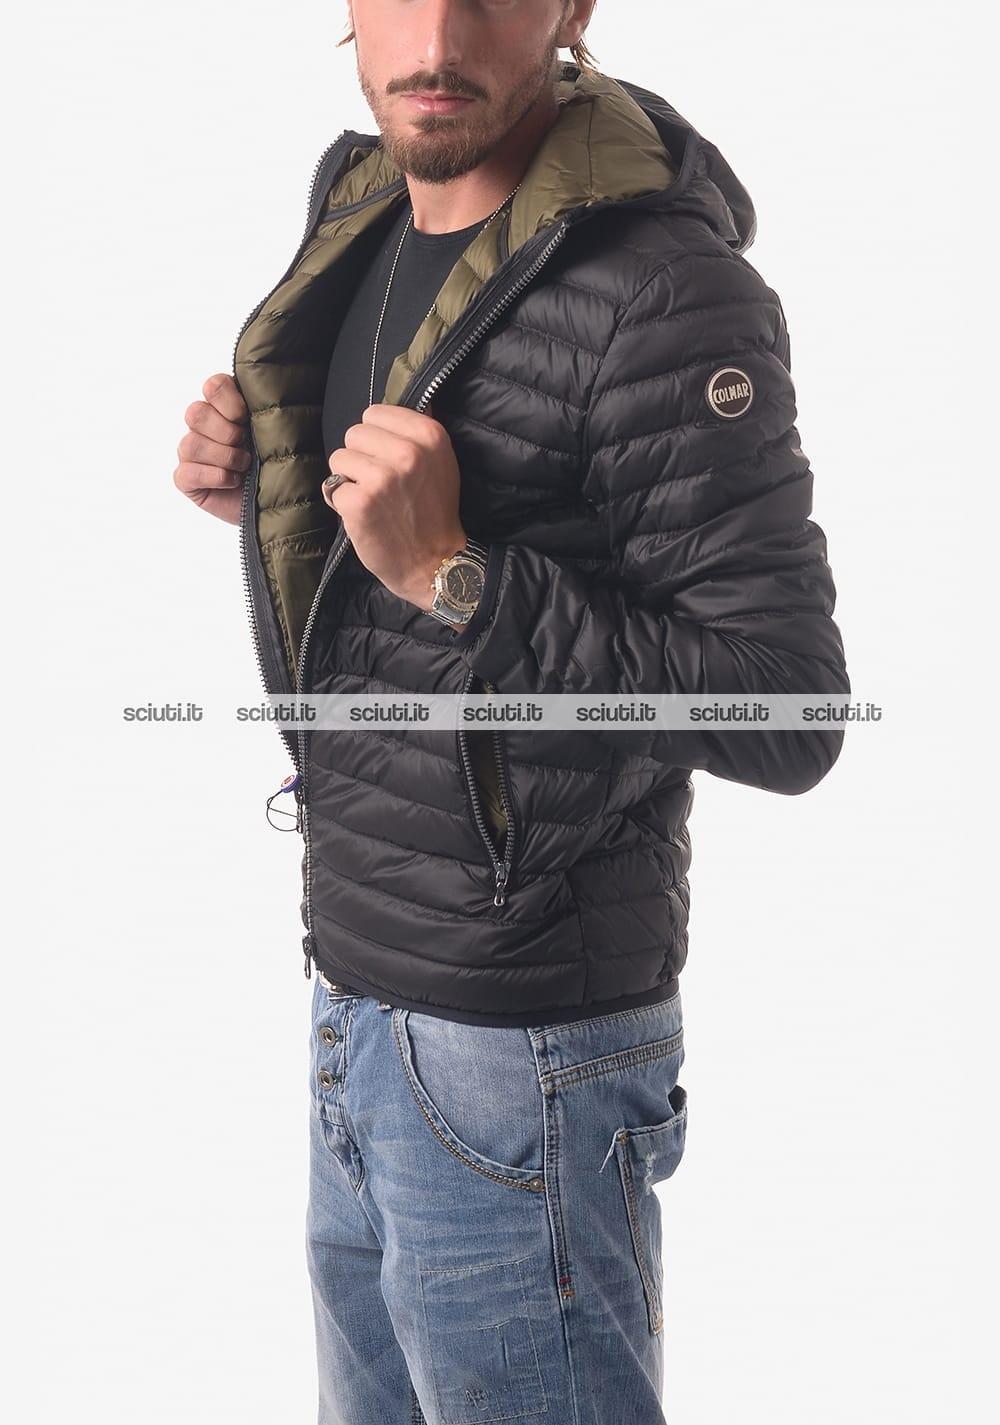 size 40 4cfdb dbb58 Piumino Colmar uomo leggero con cappuccio nero interno verde